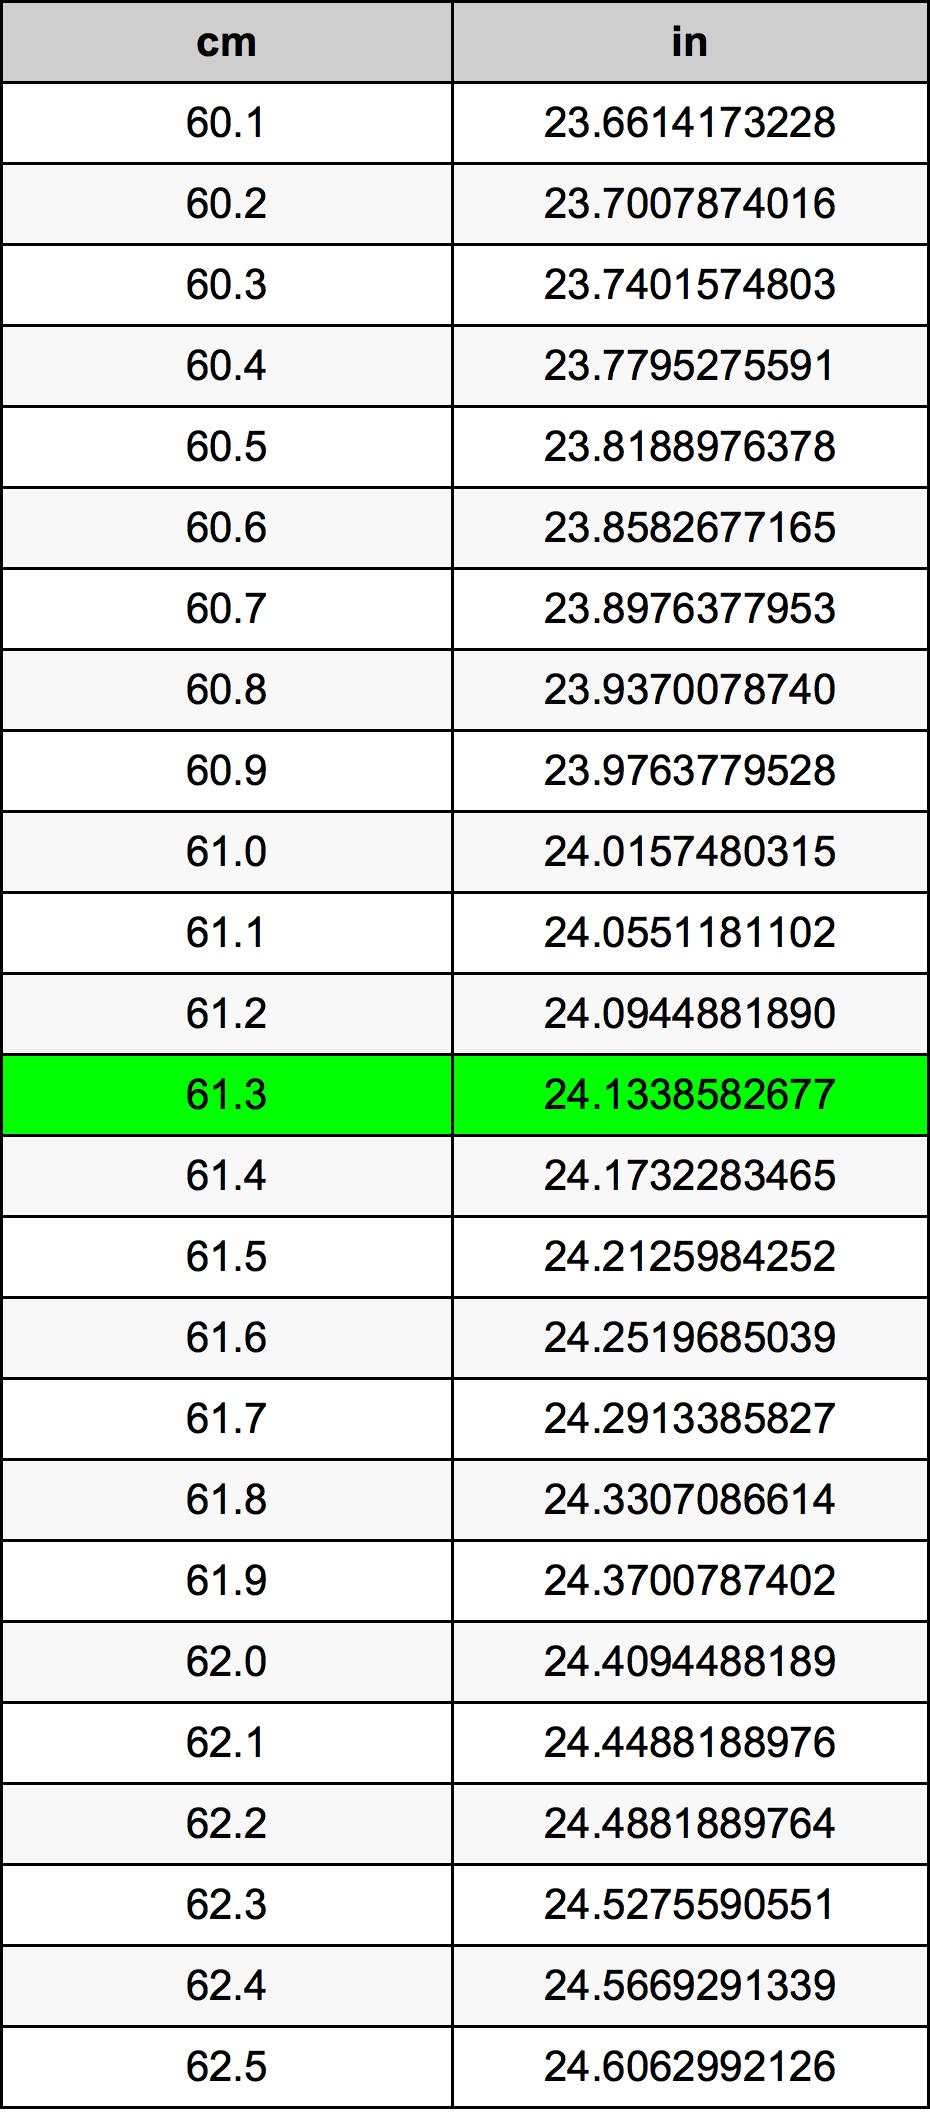 61.3センチメートル換算表